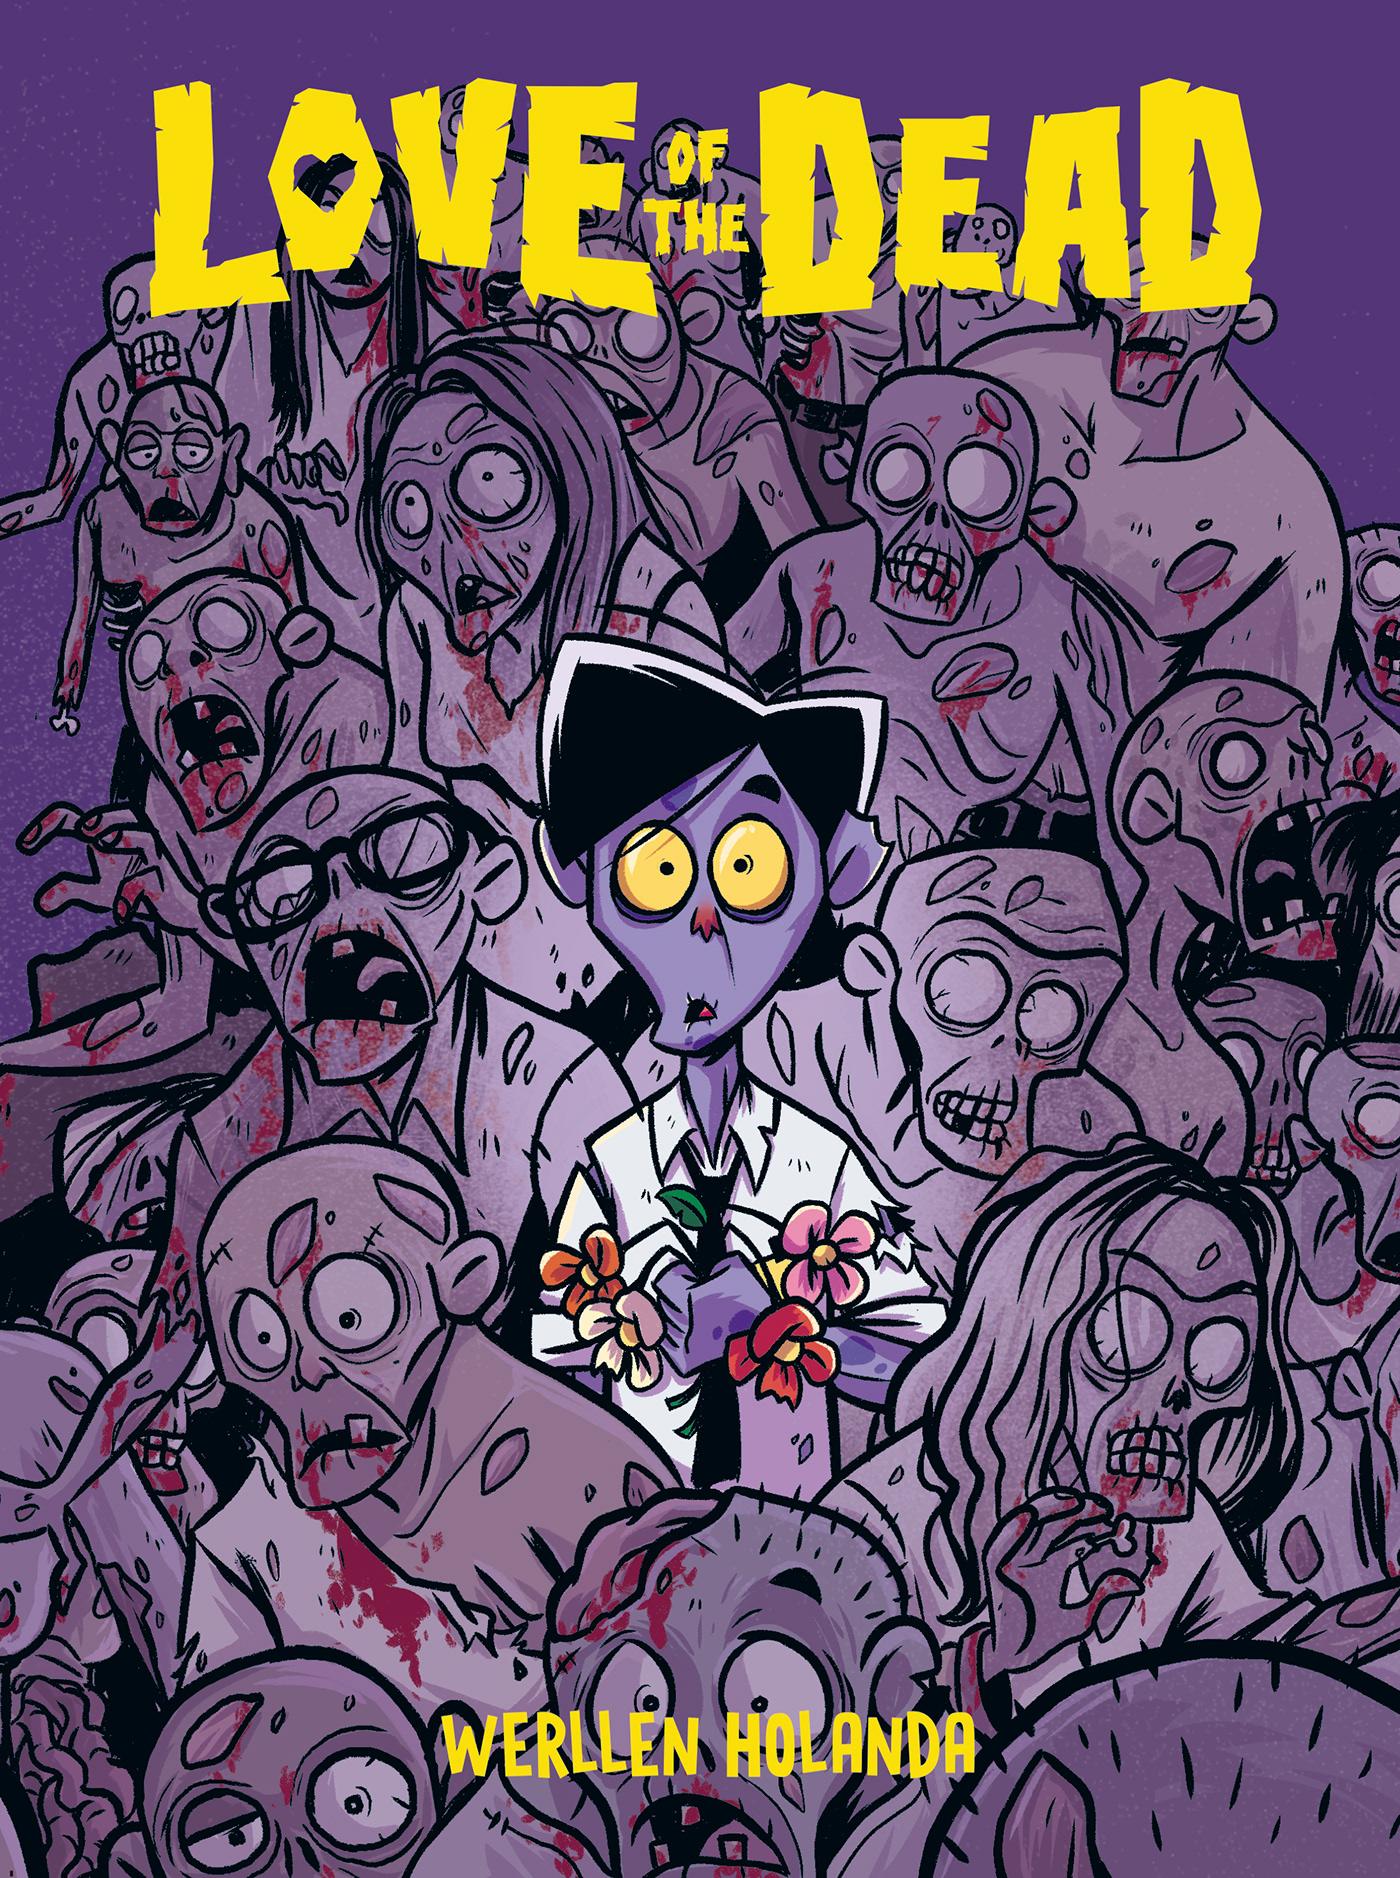 Zumbi Love amor hq comics